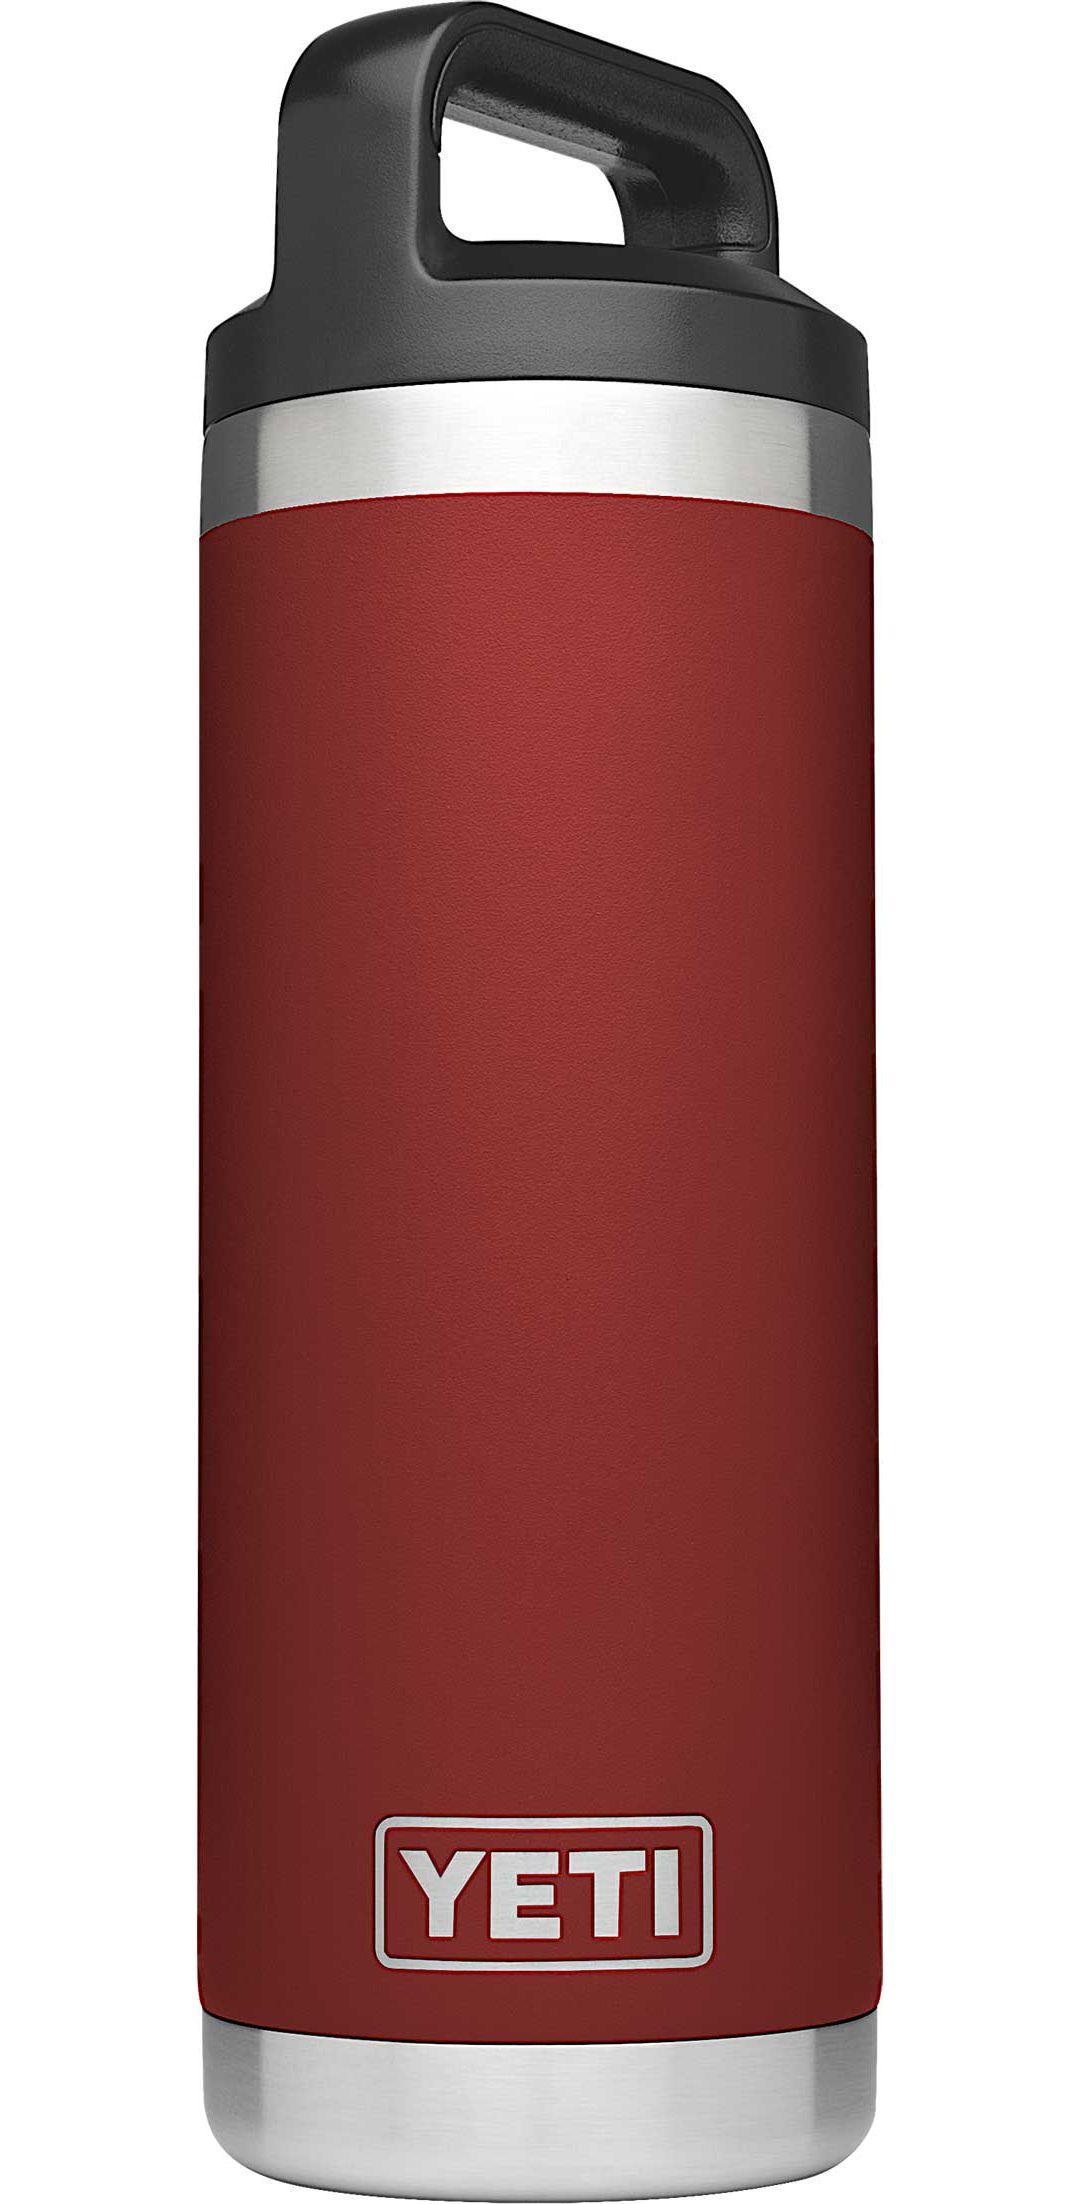 YETI Rambler 18 Bottle